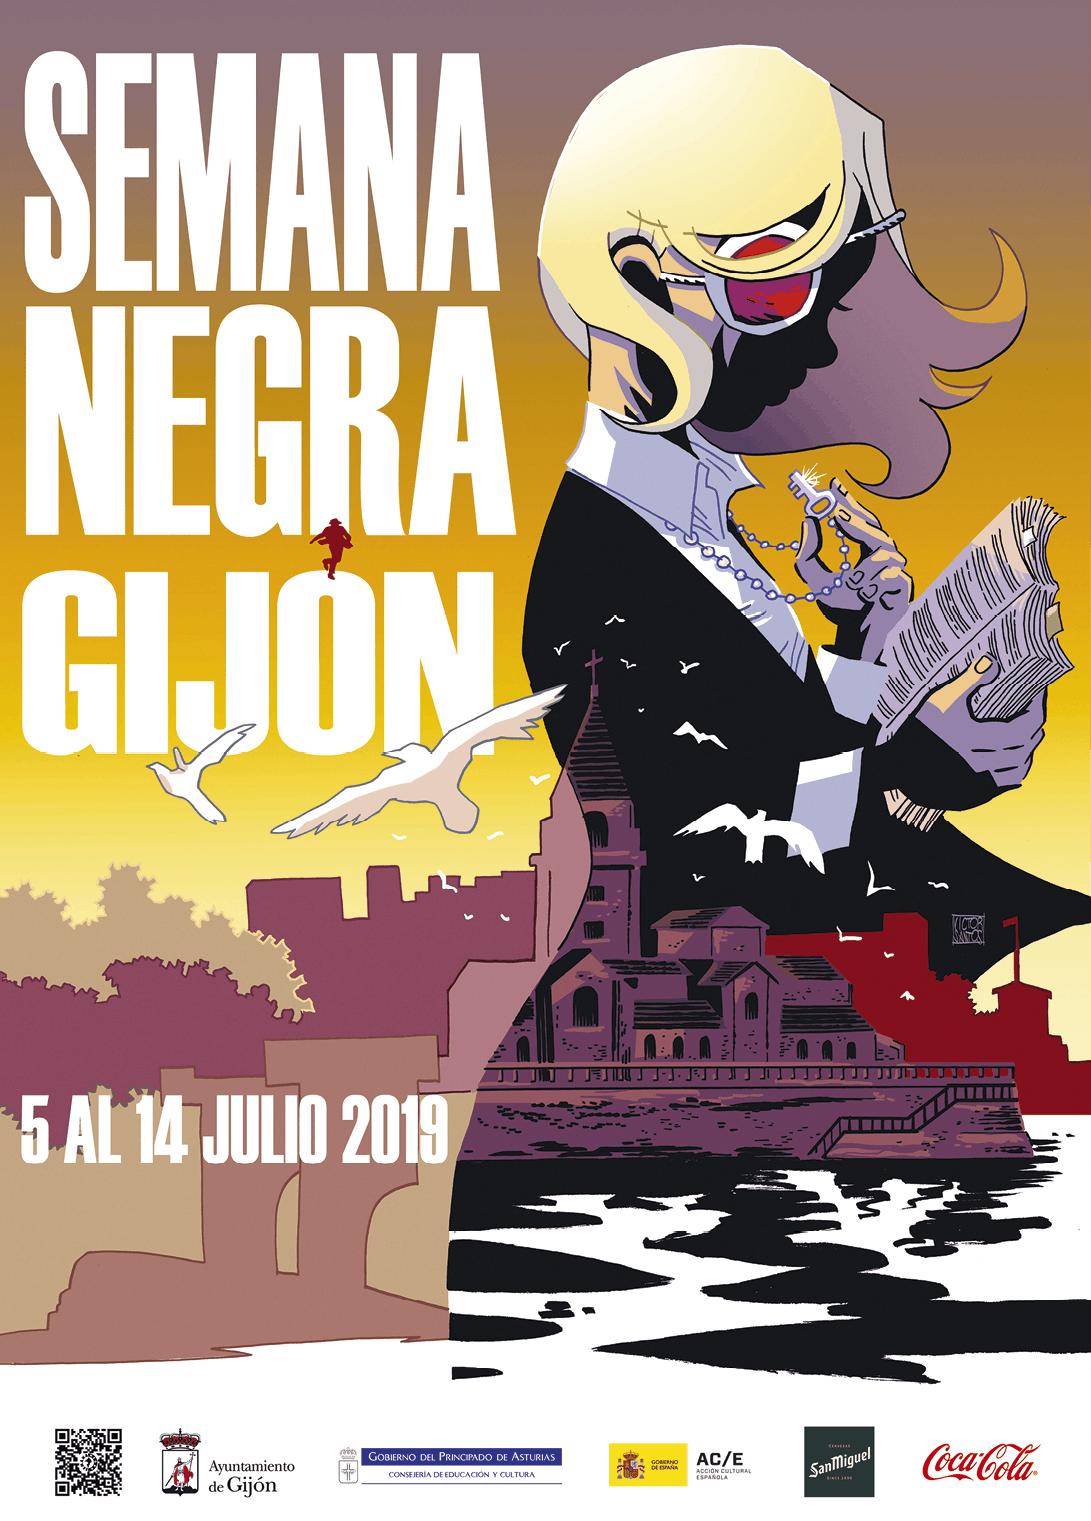 Cartel de la Semana Negra de Gijón, 2019